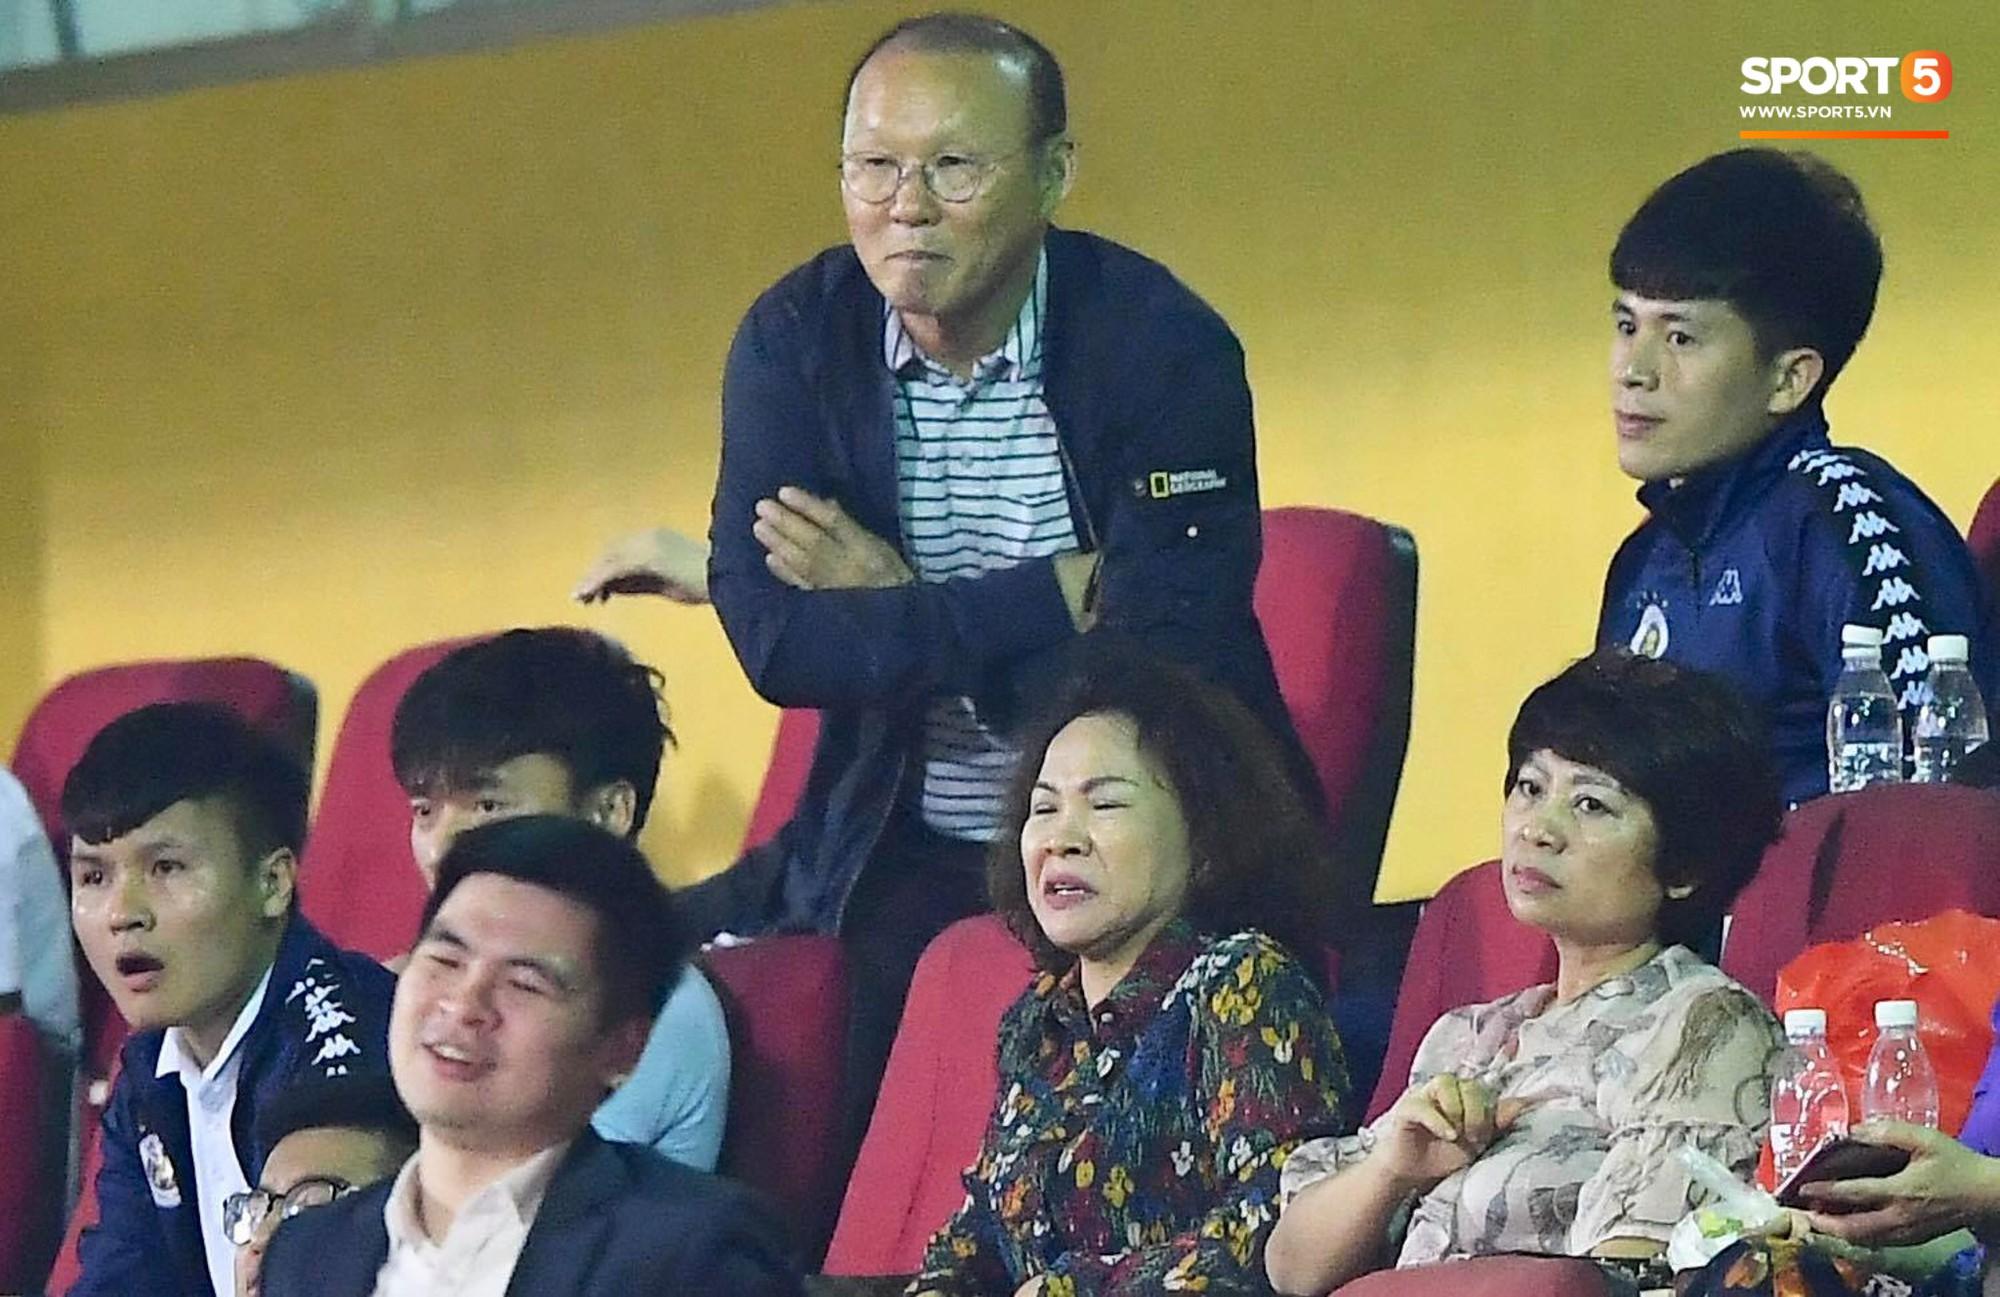 HLV Park Hang Seo, thủ môn Tiến Dũng phản ứng đầy cảm xúc khi Hà Nội FC thua ở AFC Cup 2019-1